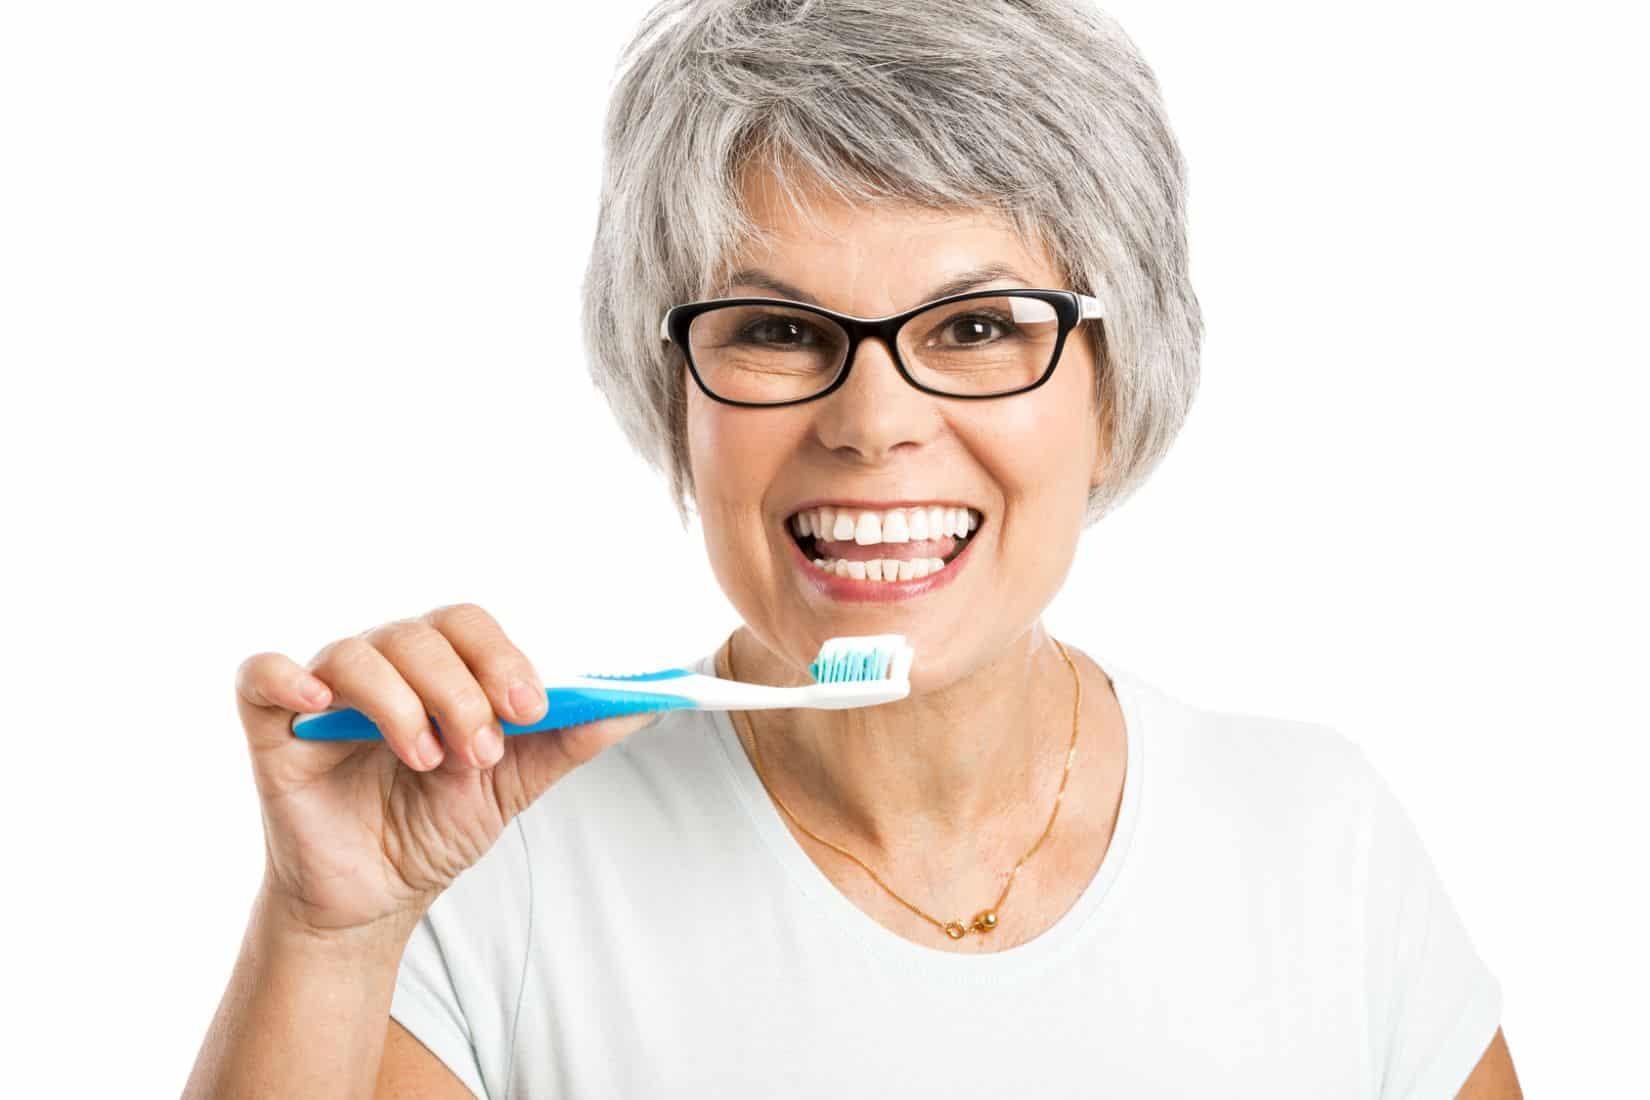 Jak przechowywać protezę zębową?